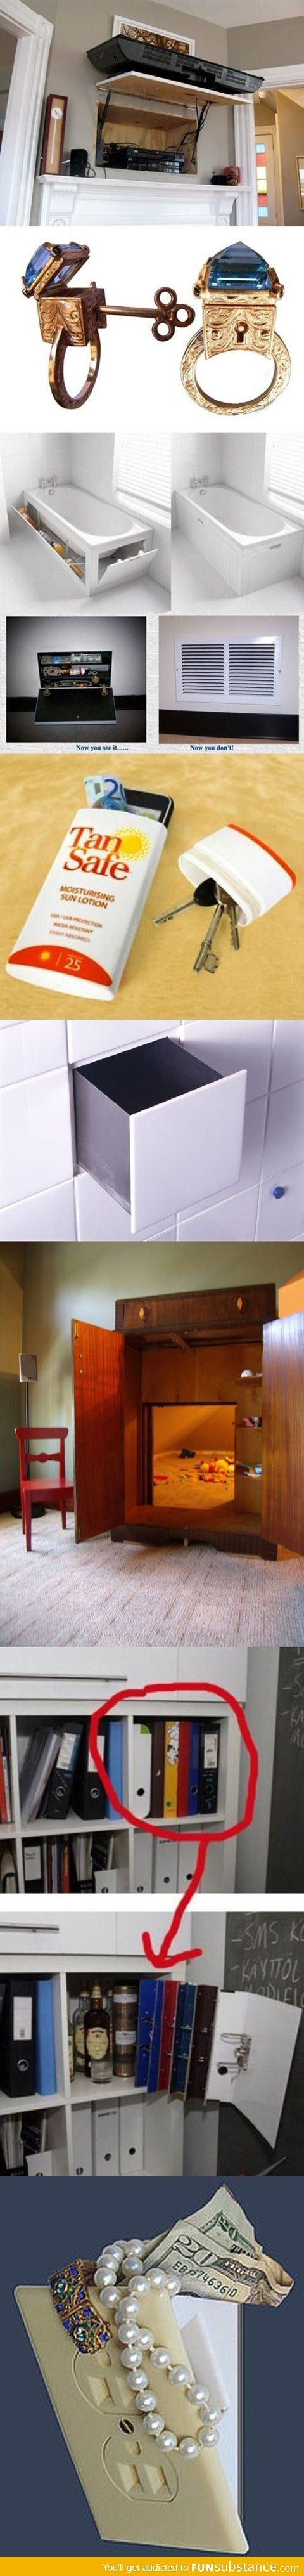 Smarty pants secret hiding places zuhause haus verstecken - Geheimversteck mobel ...